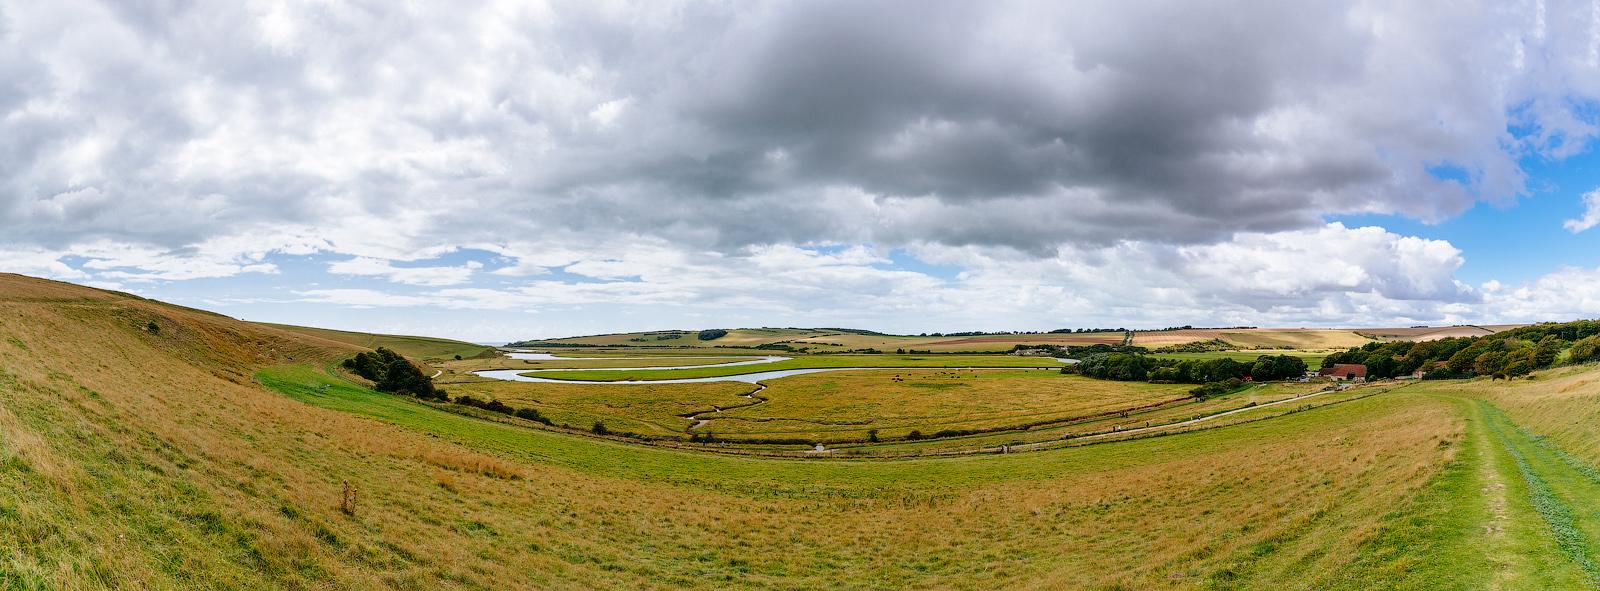 _DSC2267_4_Panorama